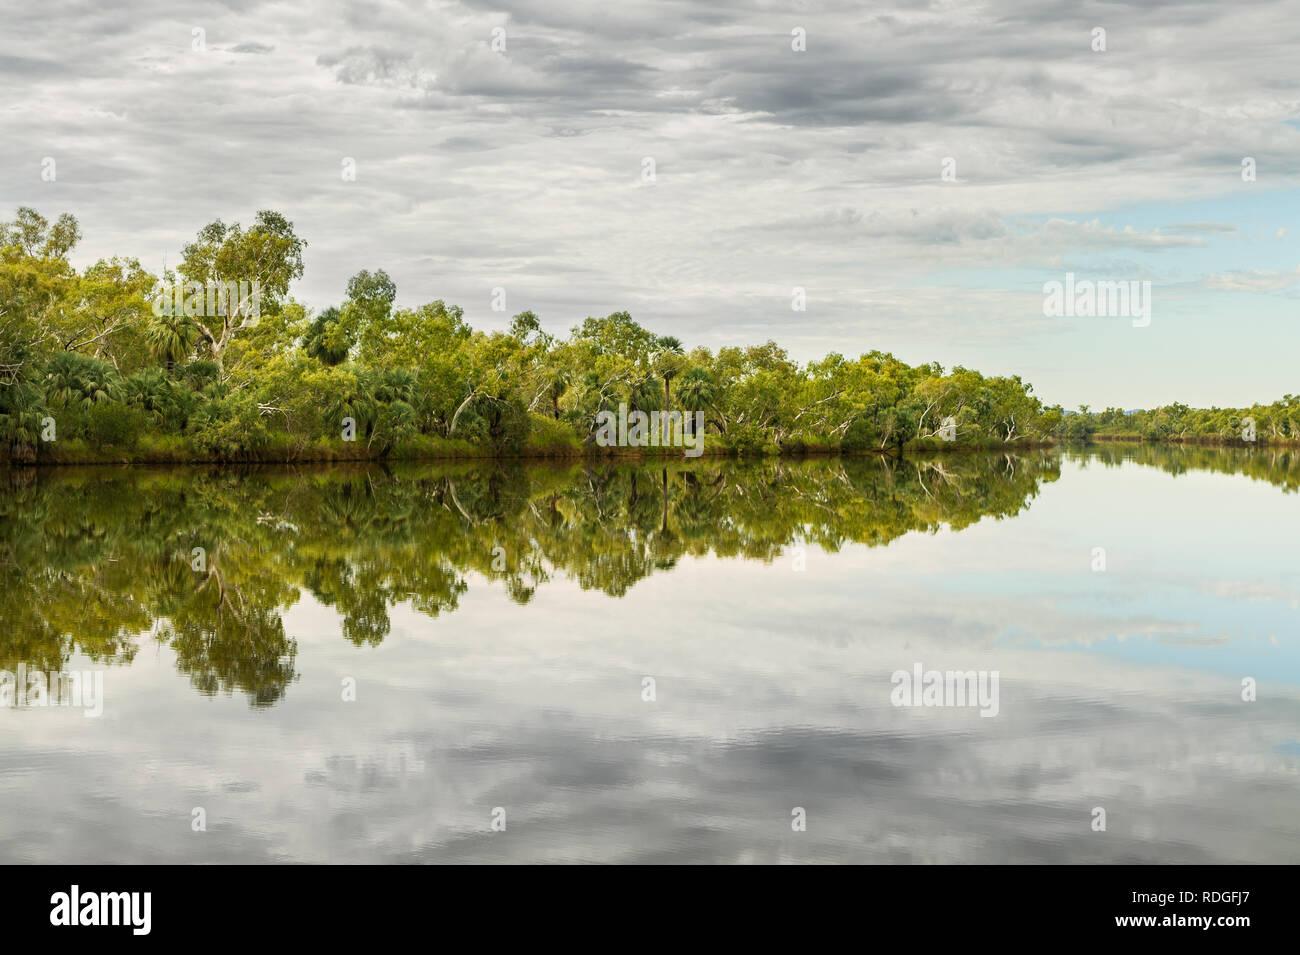 La portée profonde piscine est un point d'eau permanent de Fortescue River. Banque D'Images